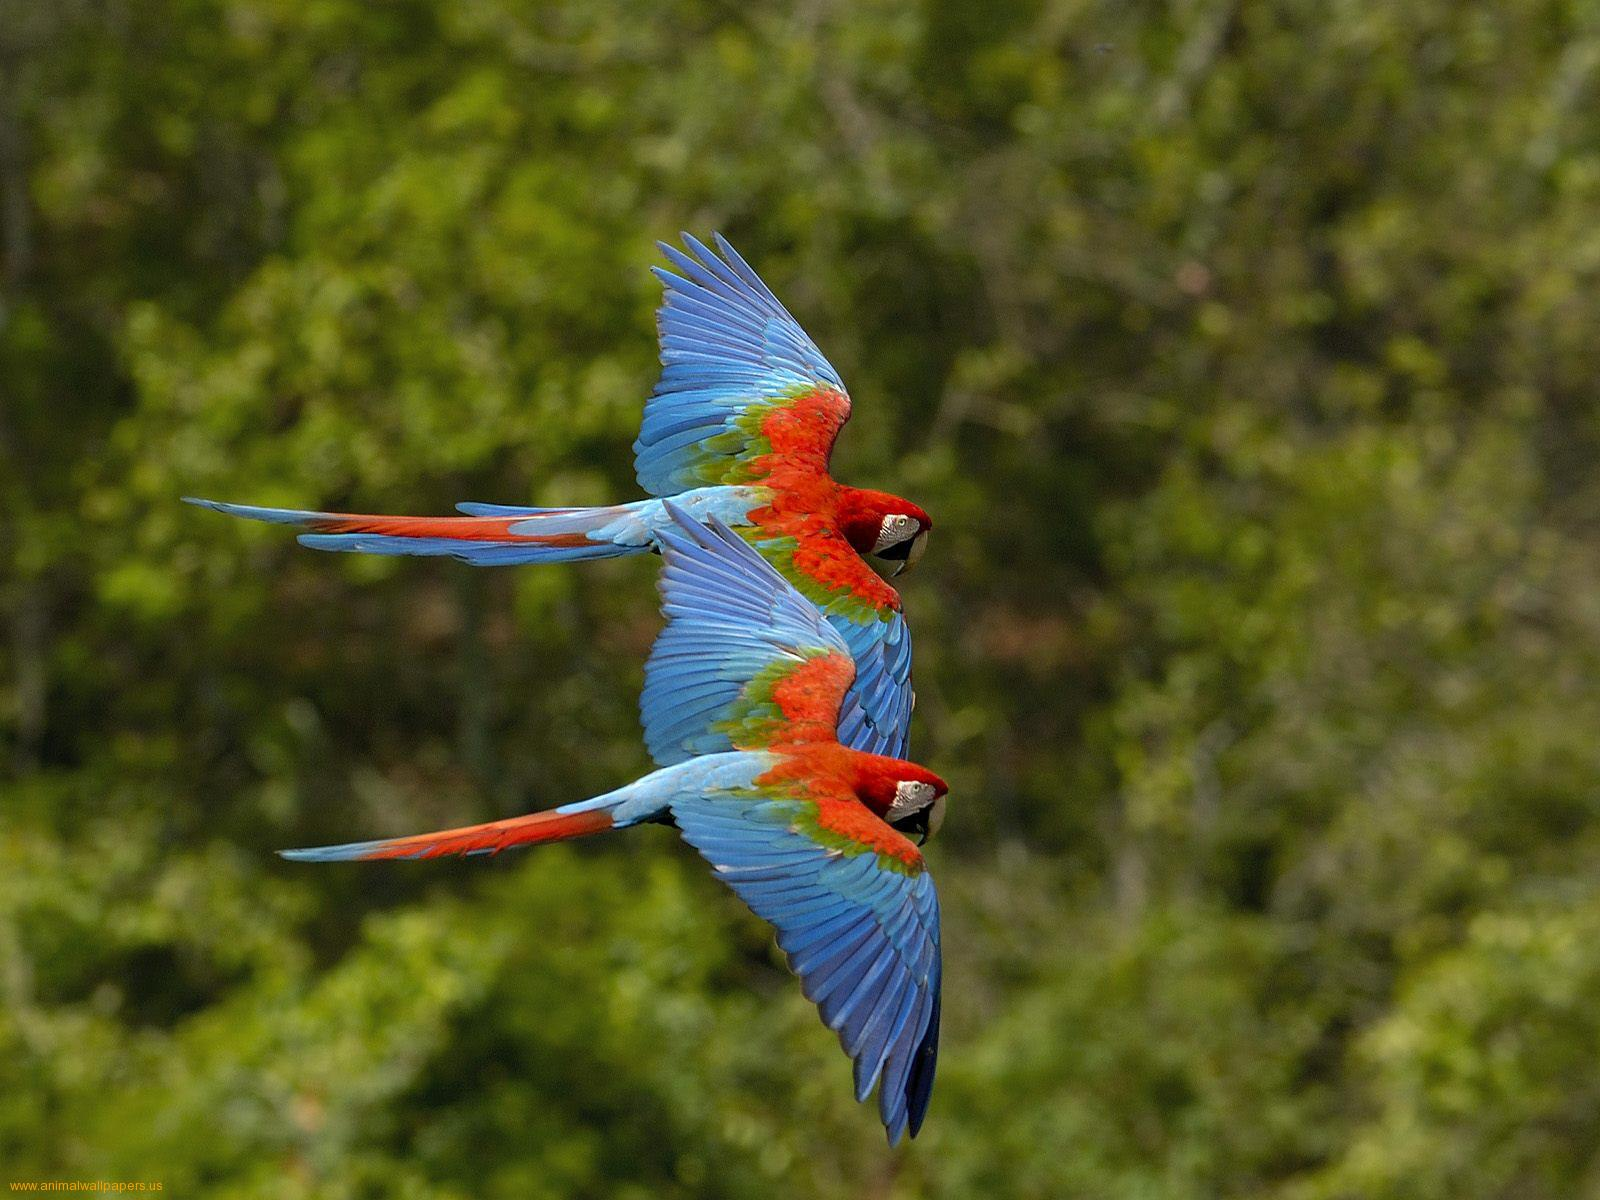 Parrot Birds Wallpapers